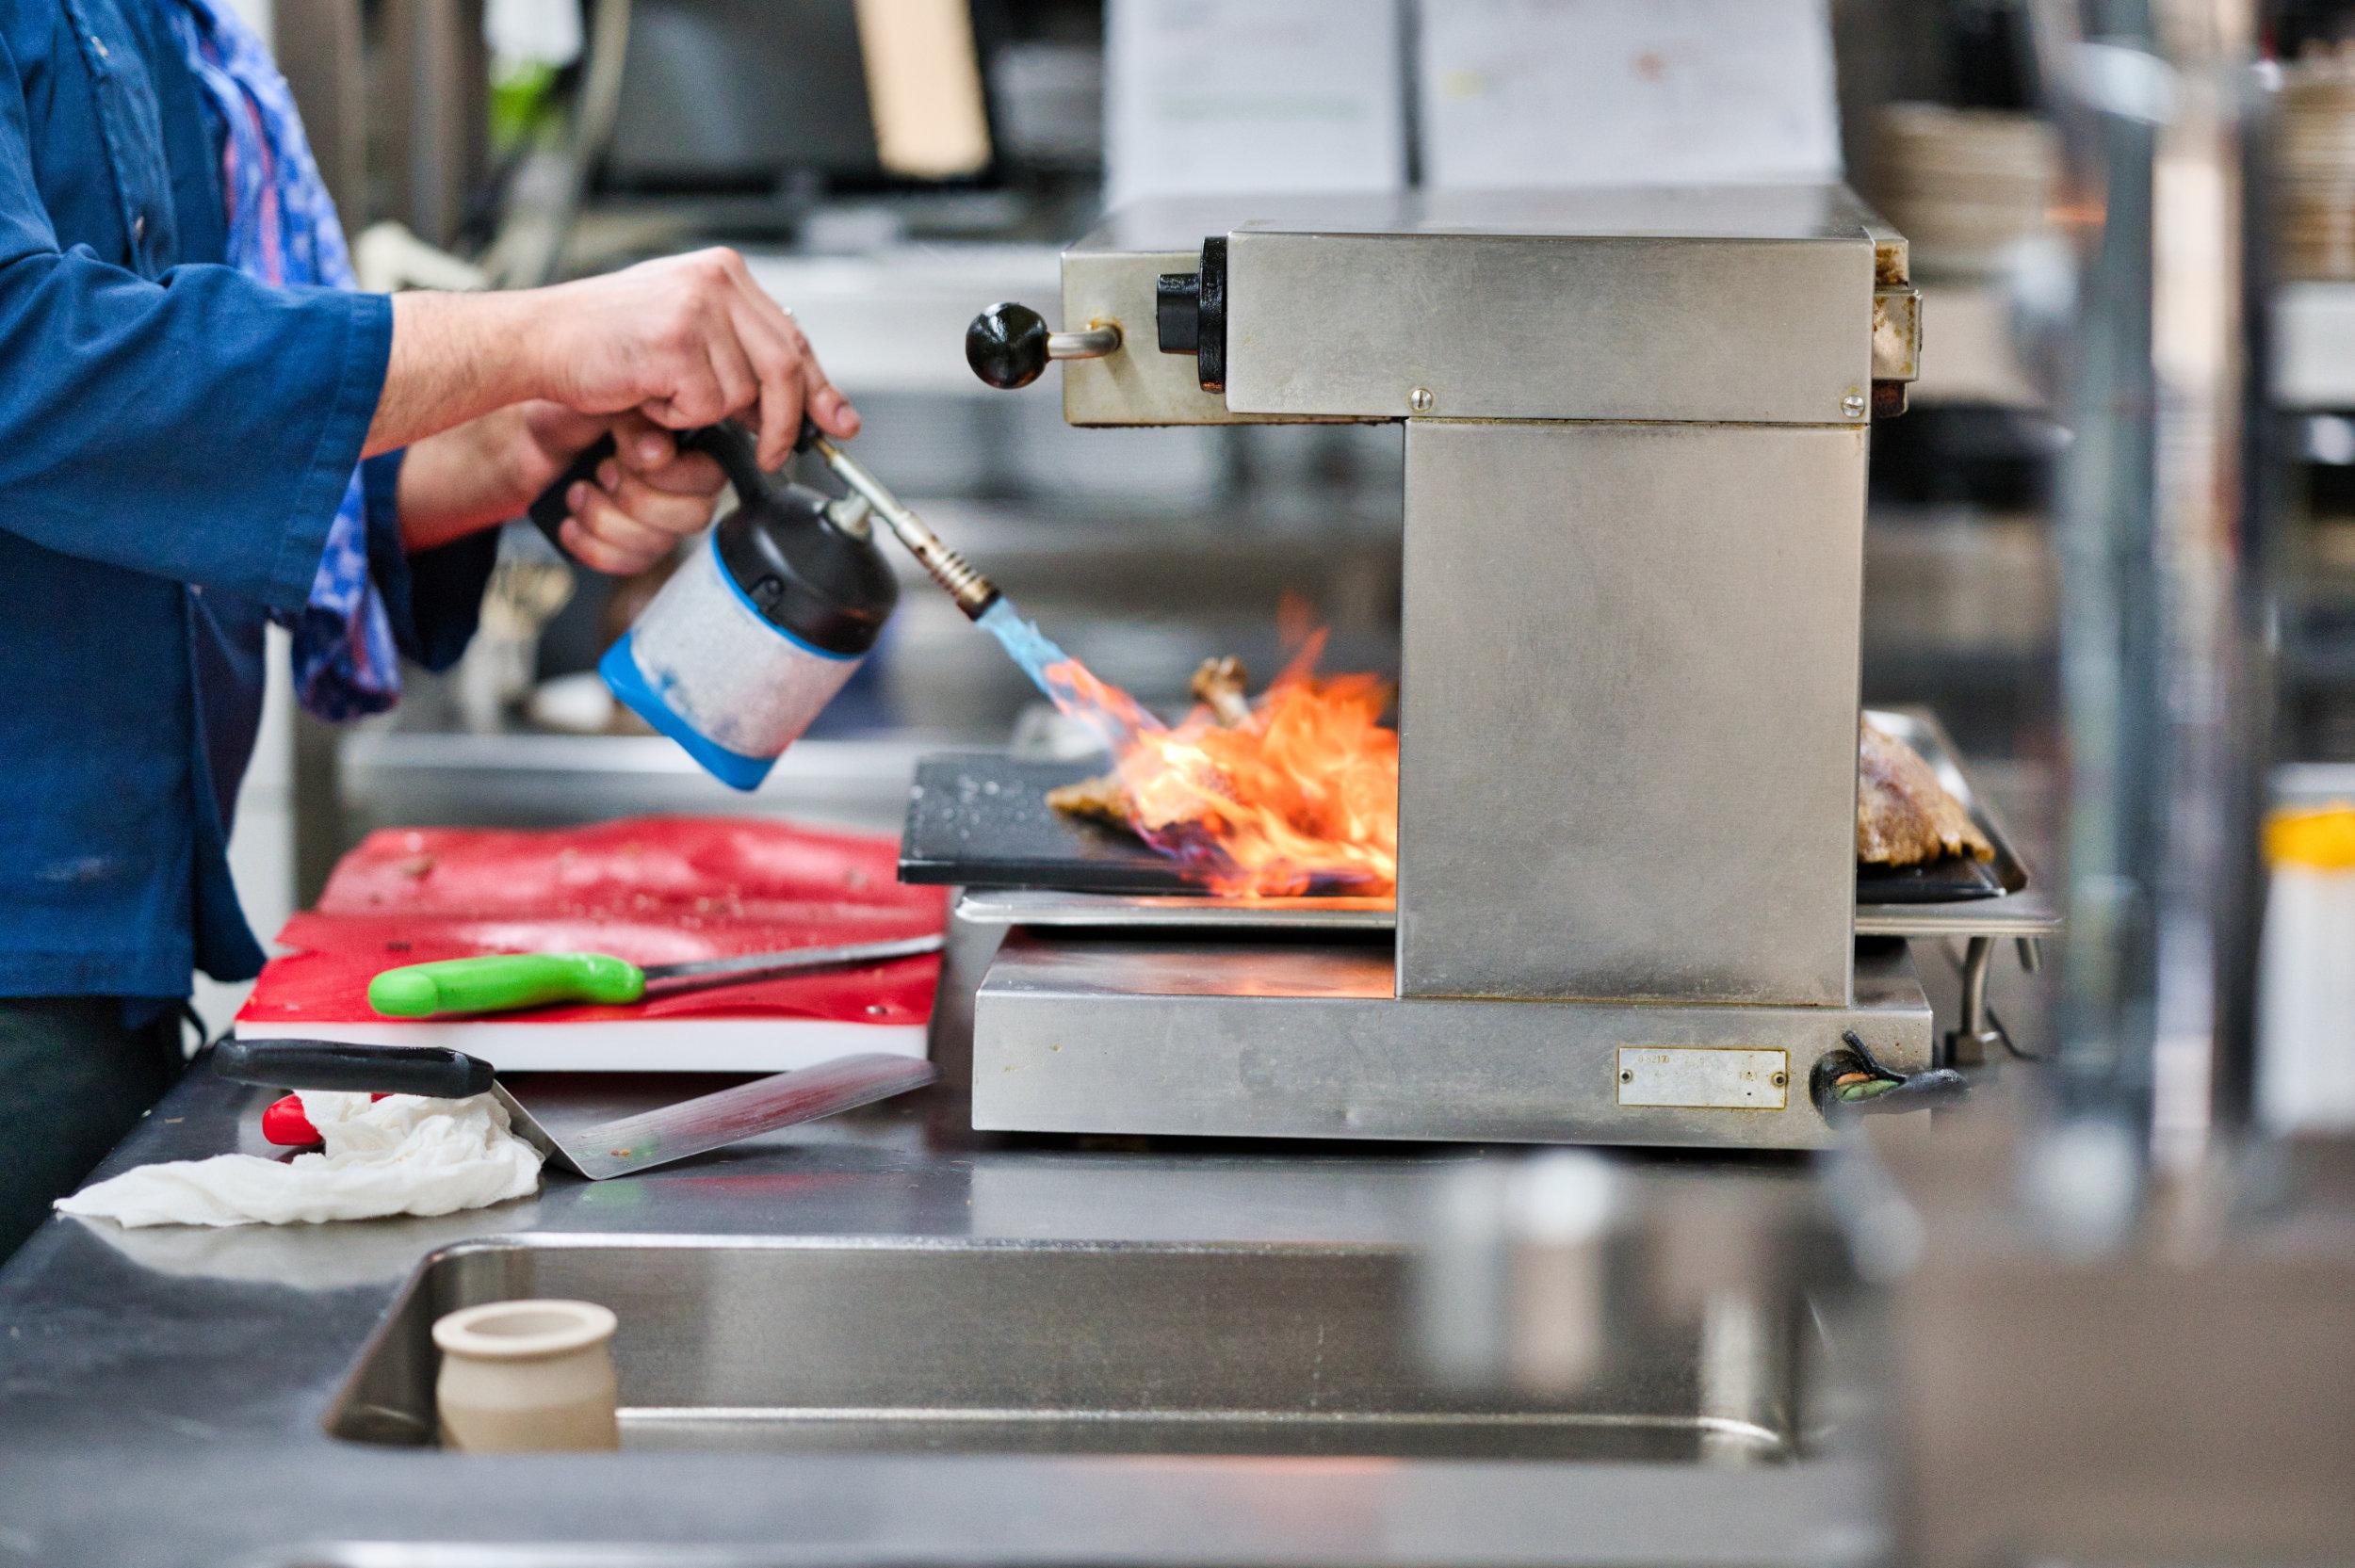 Restaurantküche beim flämmen einer Gans